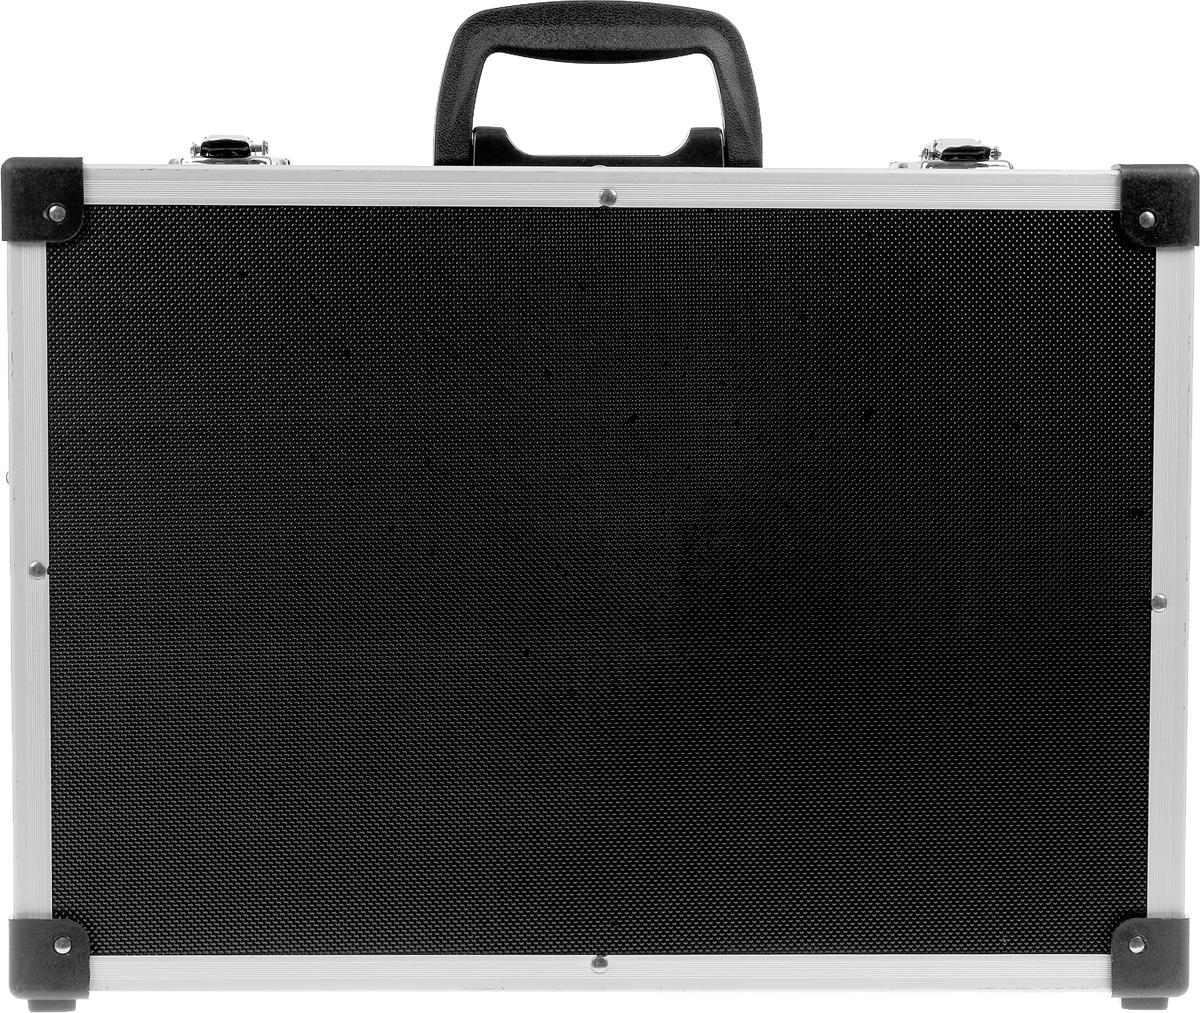 Ящик для инструментов алюминиевый FIT, цвет: черный, 43 х 31 х 13 см65630Ящик-чемодан FIT предназначен для хранения и удобной транспортировки инструментов. Изготовлен из алюминия, а внутренняя отделка выполнена из мягкого пористого материала, что обеспечивает более бережное хранение инструмента. Переставные перегородки позволяют максимально эффективно использовать внутреннее пространство. Чемодан надежно закрывается с помощью металлических защелок. Удобная рукоятка обеспечивает комфортную переноску. Инструментальный ящик применяется как в профессиональной сфере, так и в быту: он очень вместительный, помогает упорядочить нужные в работе предметы и всегда держать их под рукой. Характеристики: Материал: алюминий. Размеры ящика: 43 см х 31 см х 13 см. Количество перегородок: 5. Количество отделений на съемной панели: 17. Размер упаковки: 43 см х 31 см х 13 см.